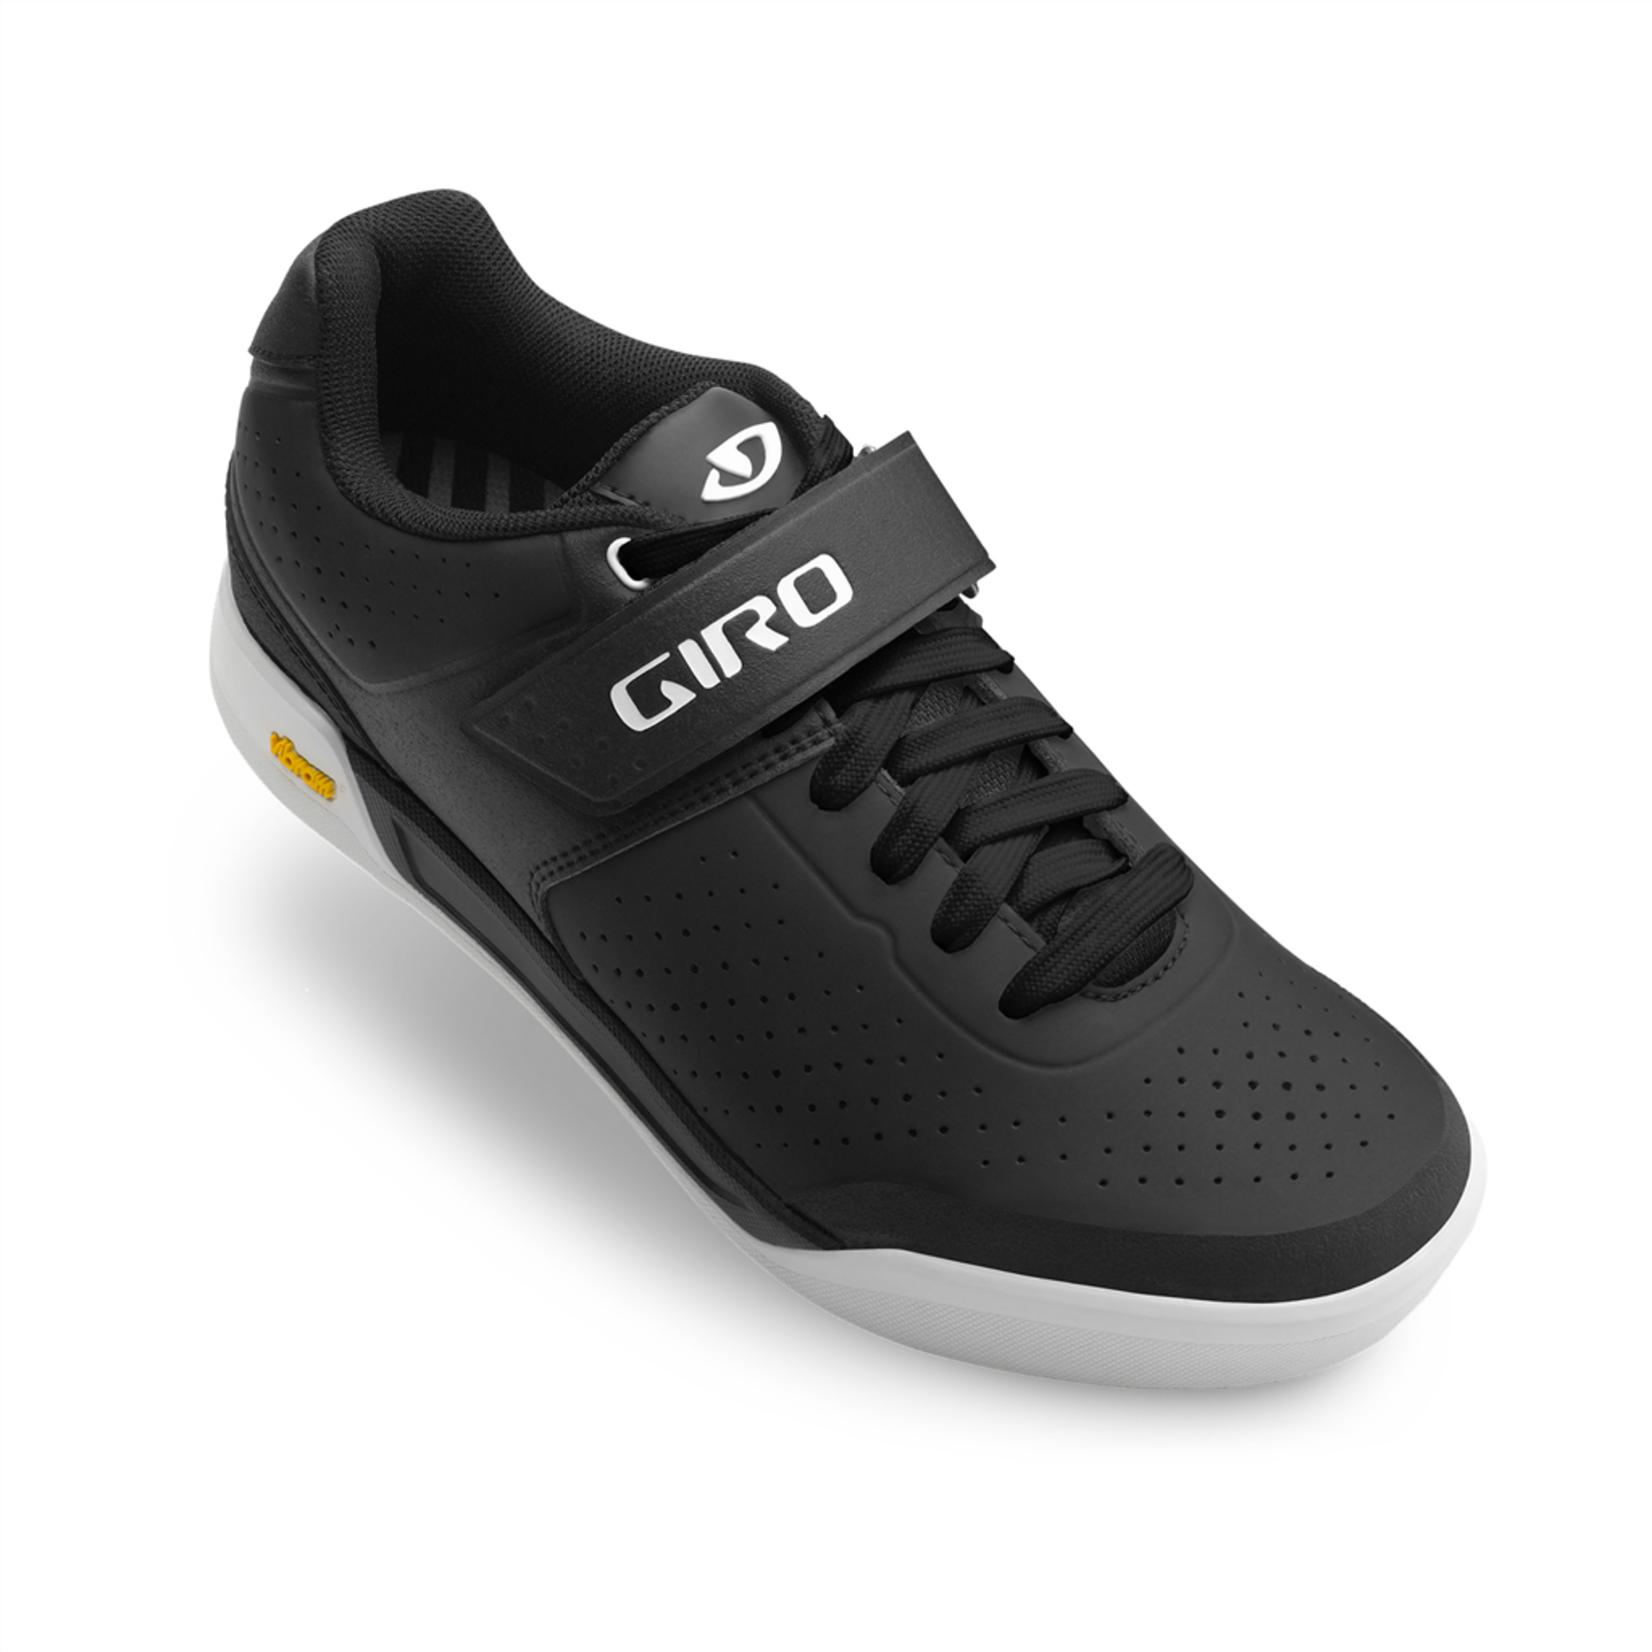 Giro Giro - Scarpa Chamber II -  Black/White